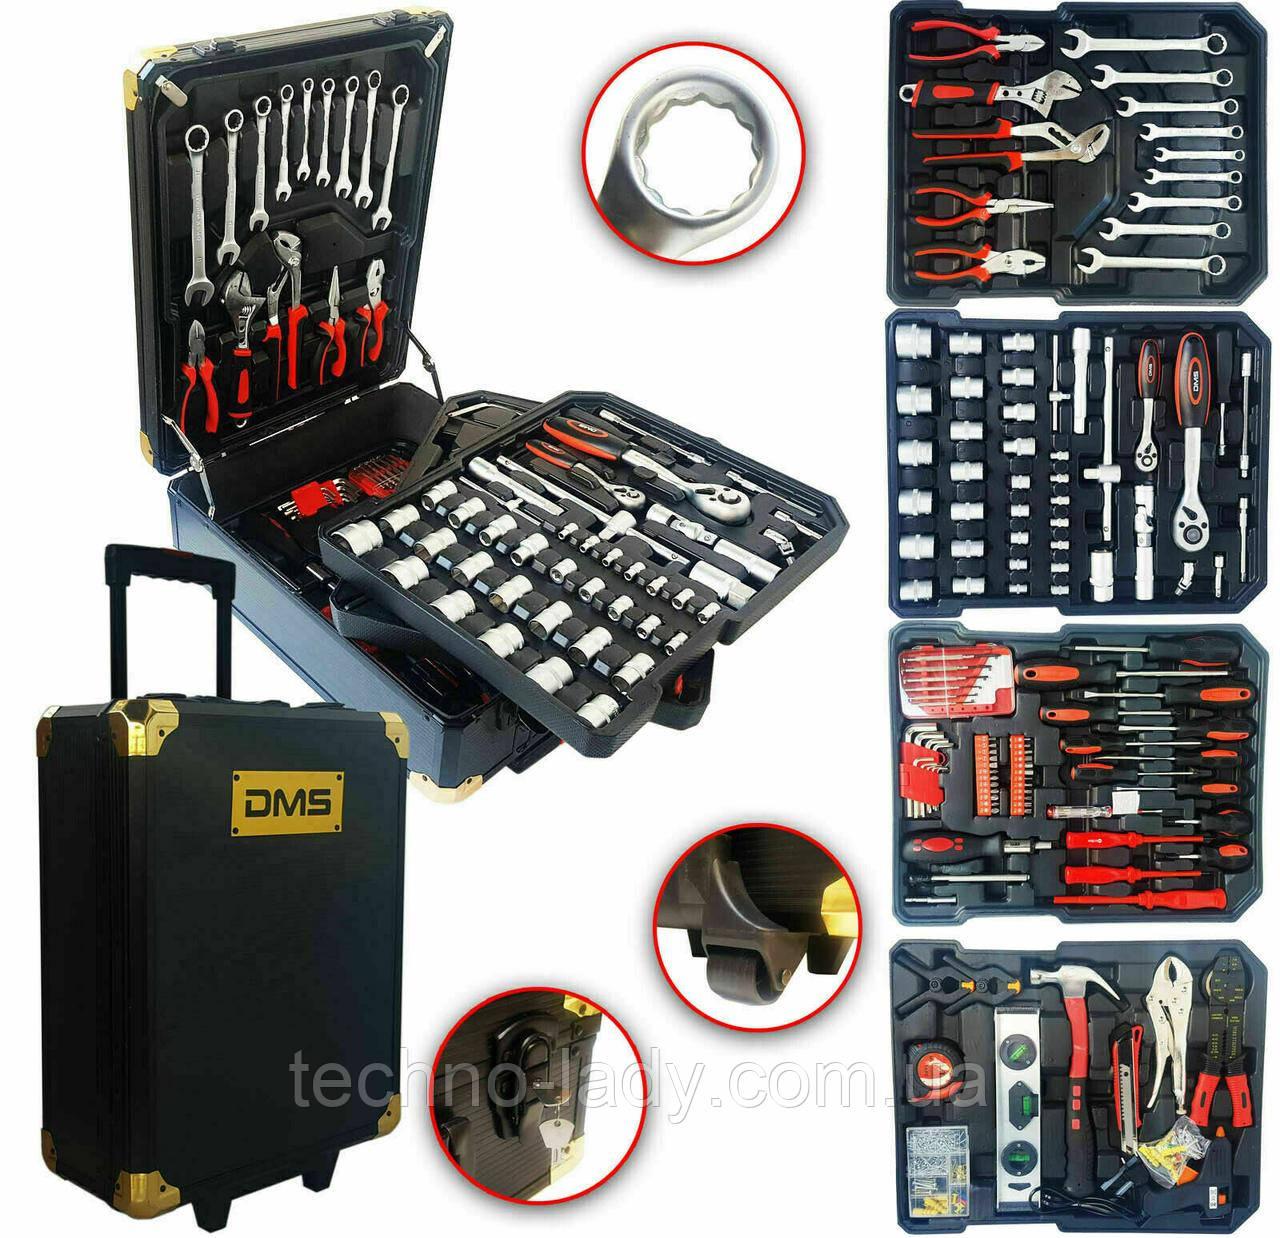 Профессиональный набор инструментов DMS® 420 предметов aus(749tlg) с тележкой